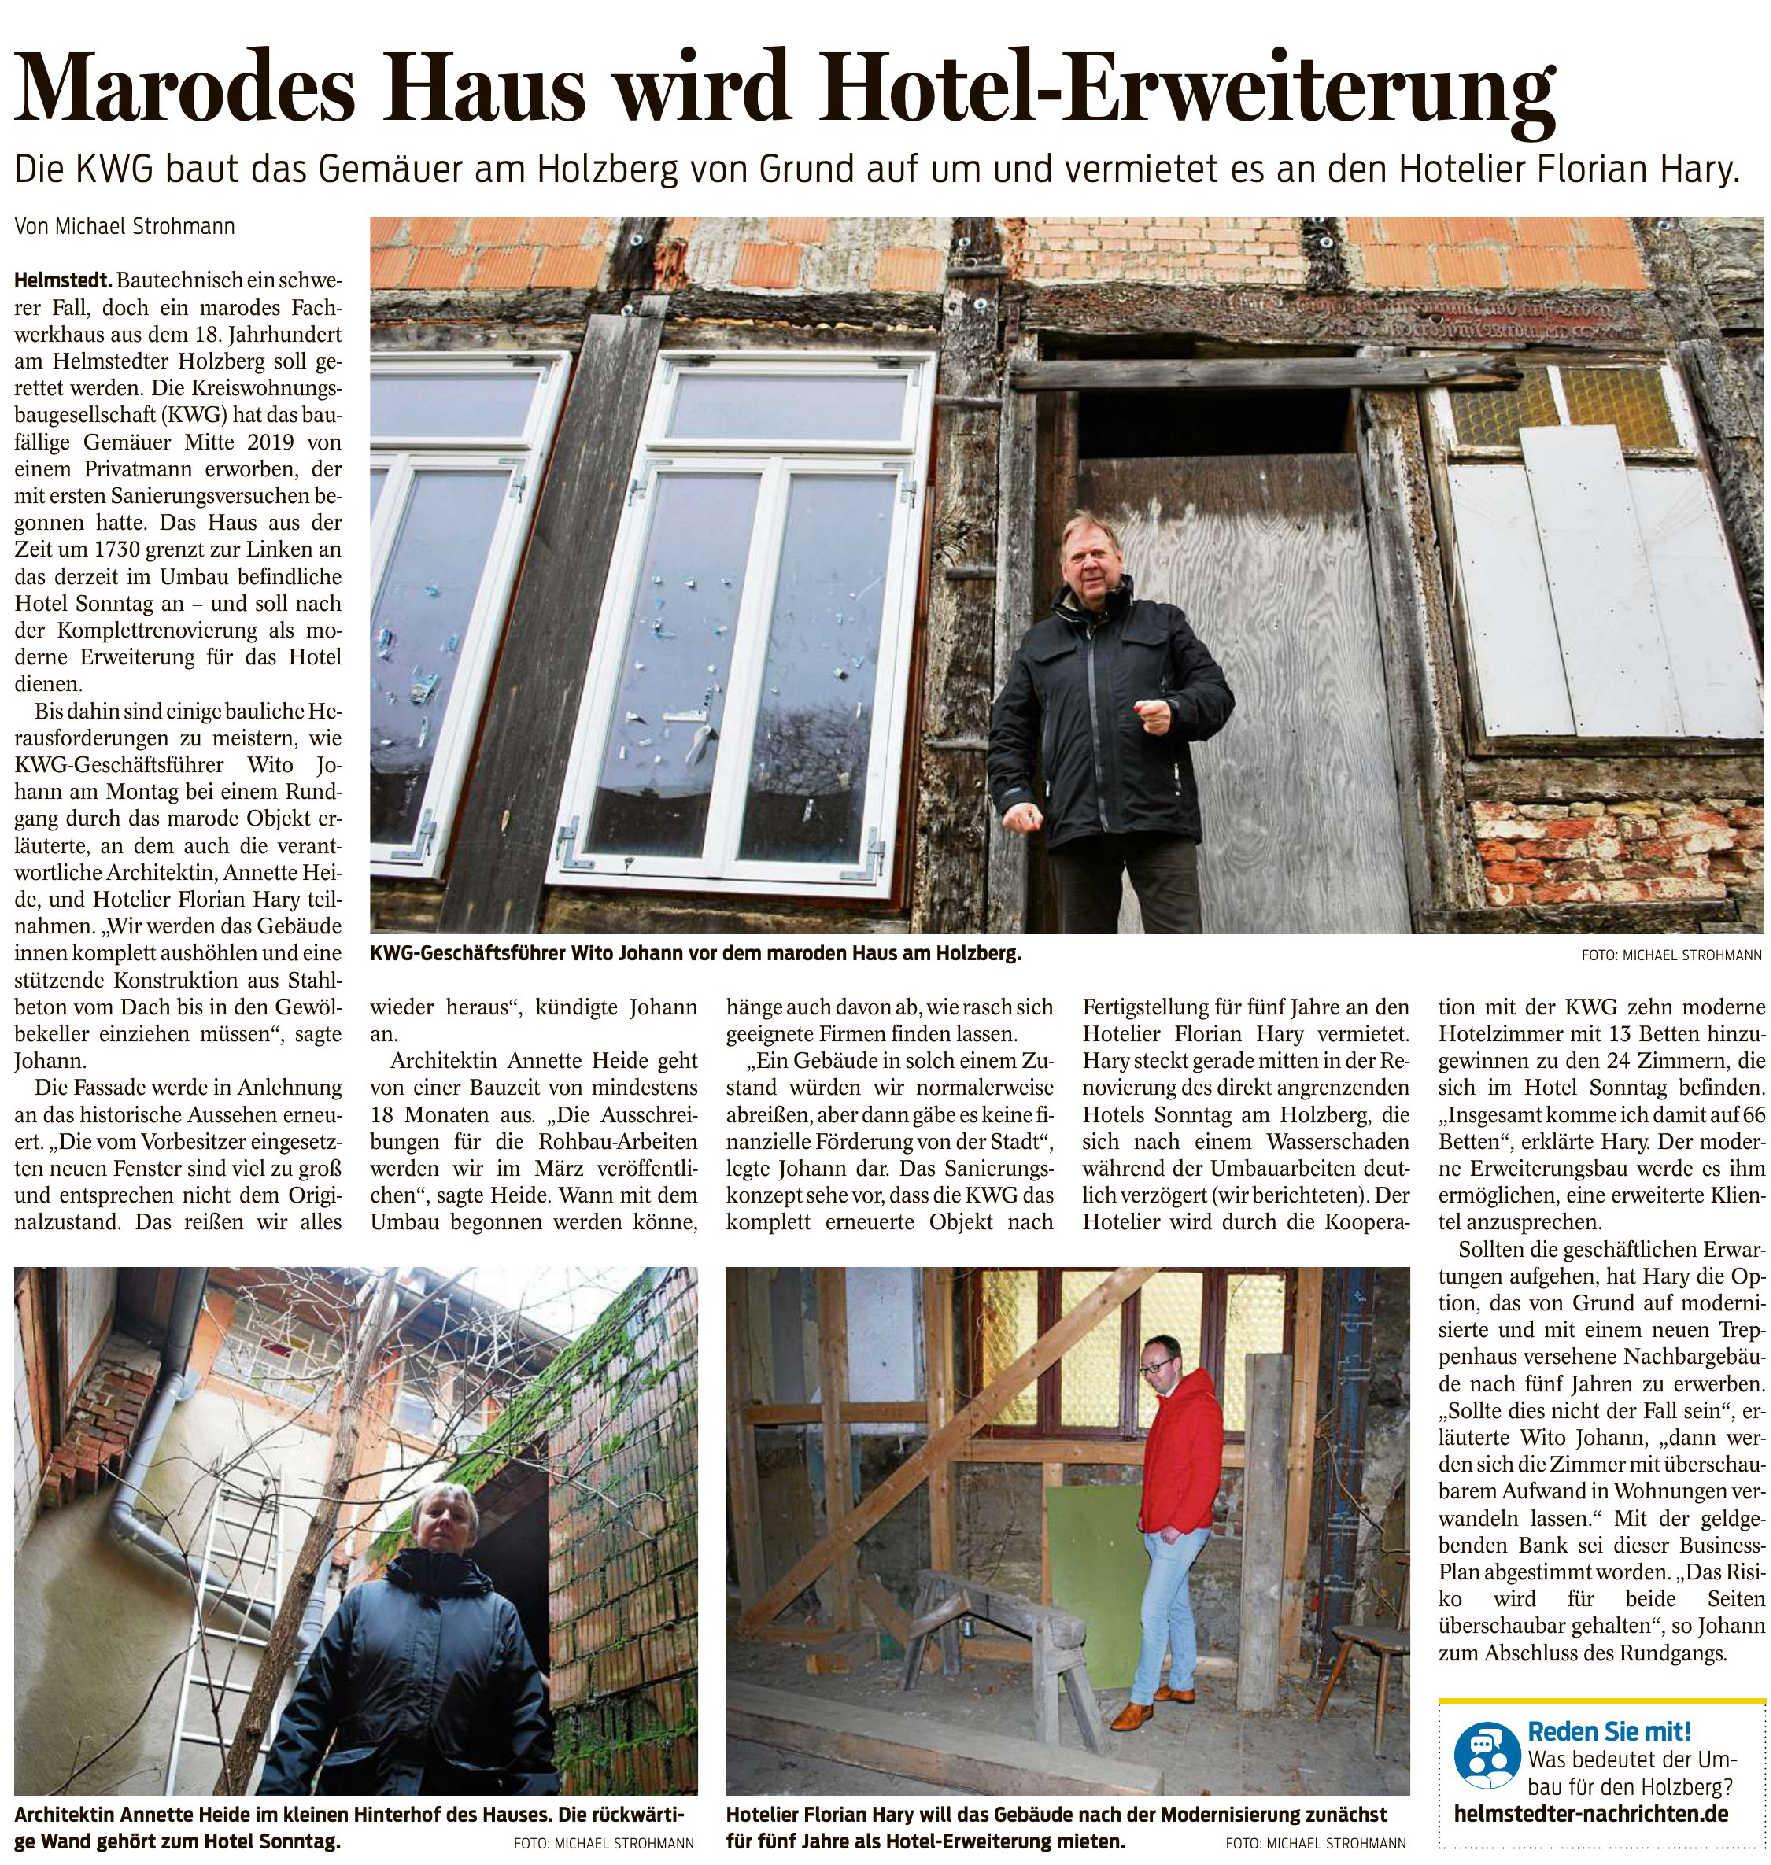 https://www.kwg-helmstedt.de/media/Helmstedt_Marodes_Haus_wird_Hotel-Erweiterung.jpg